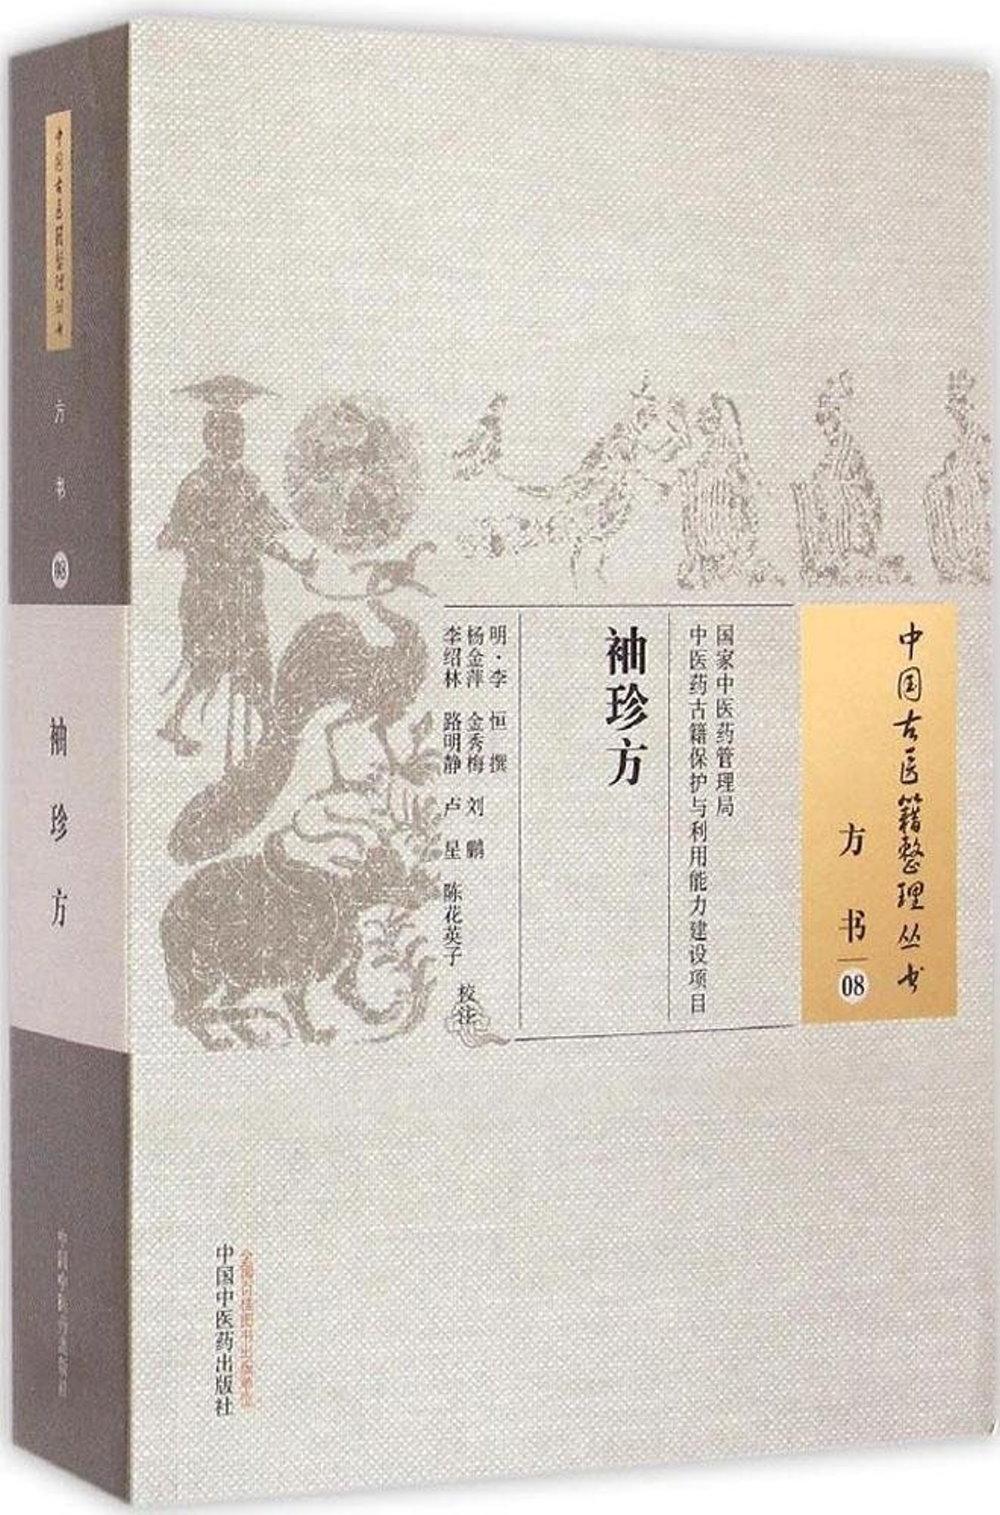 中國古醫籍整理叢書.方書 08:袖珍方